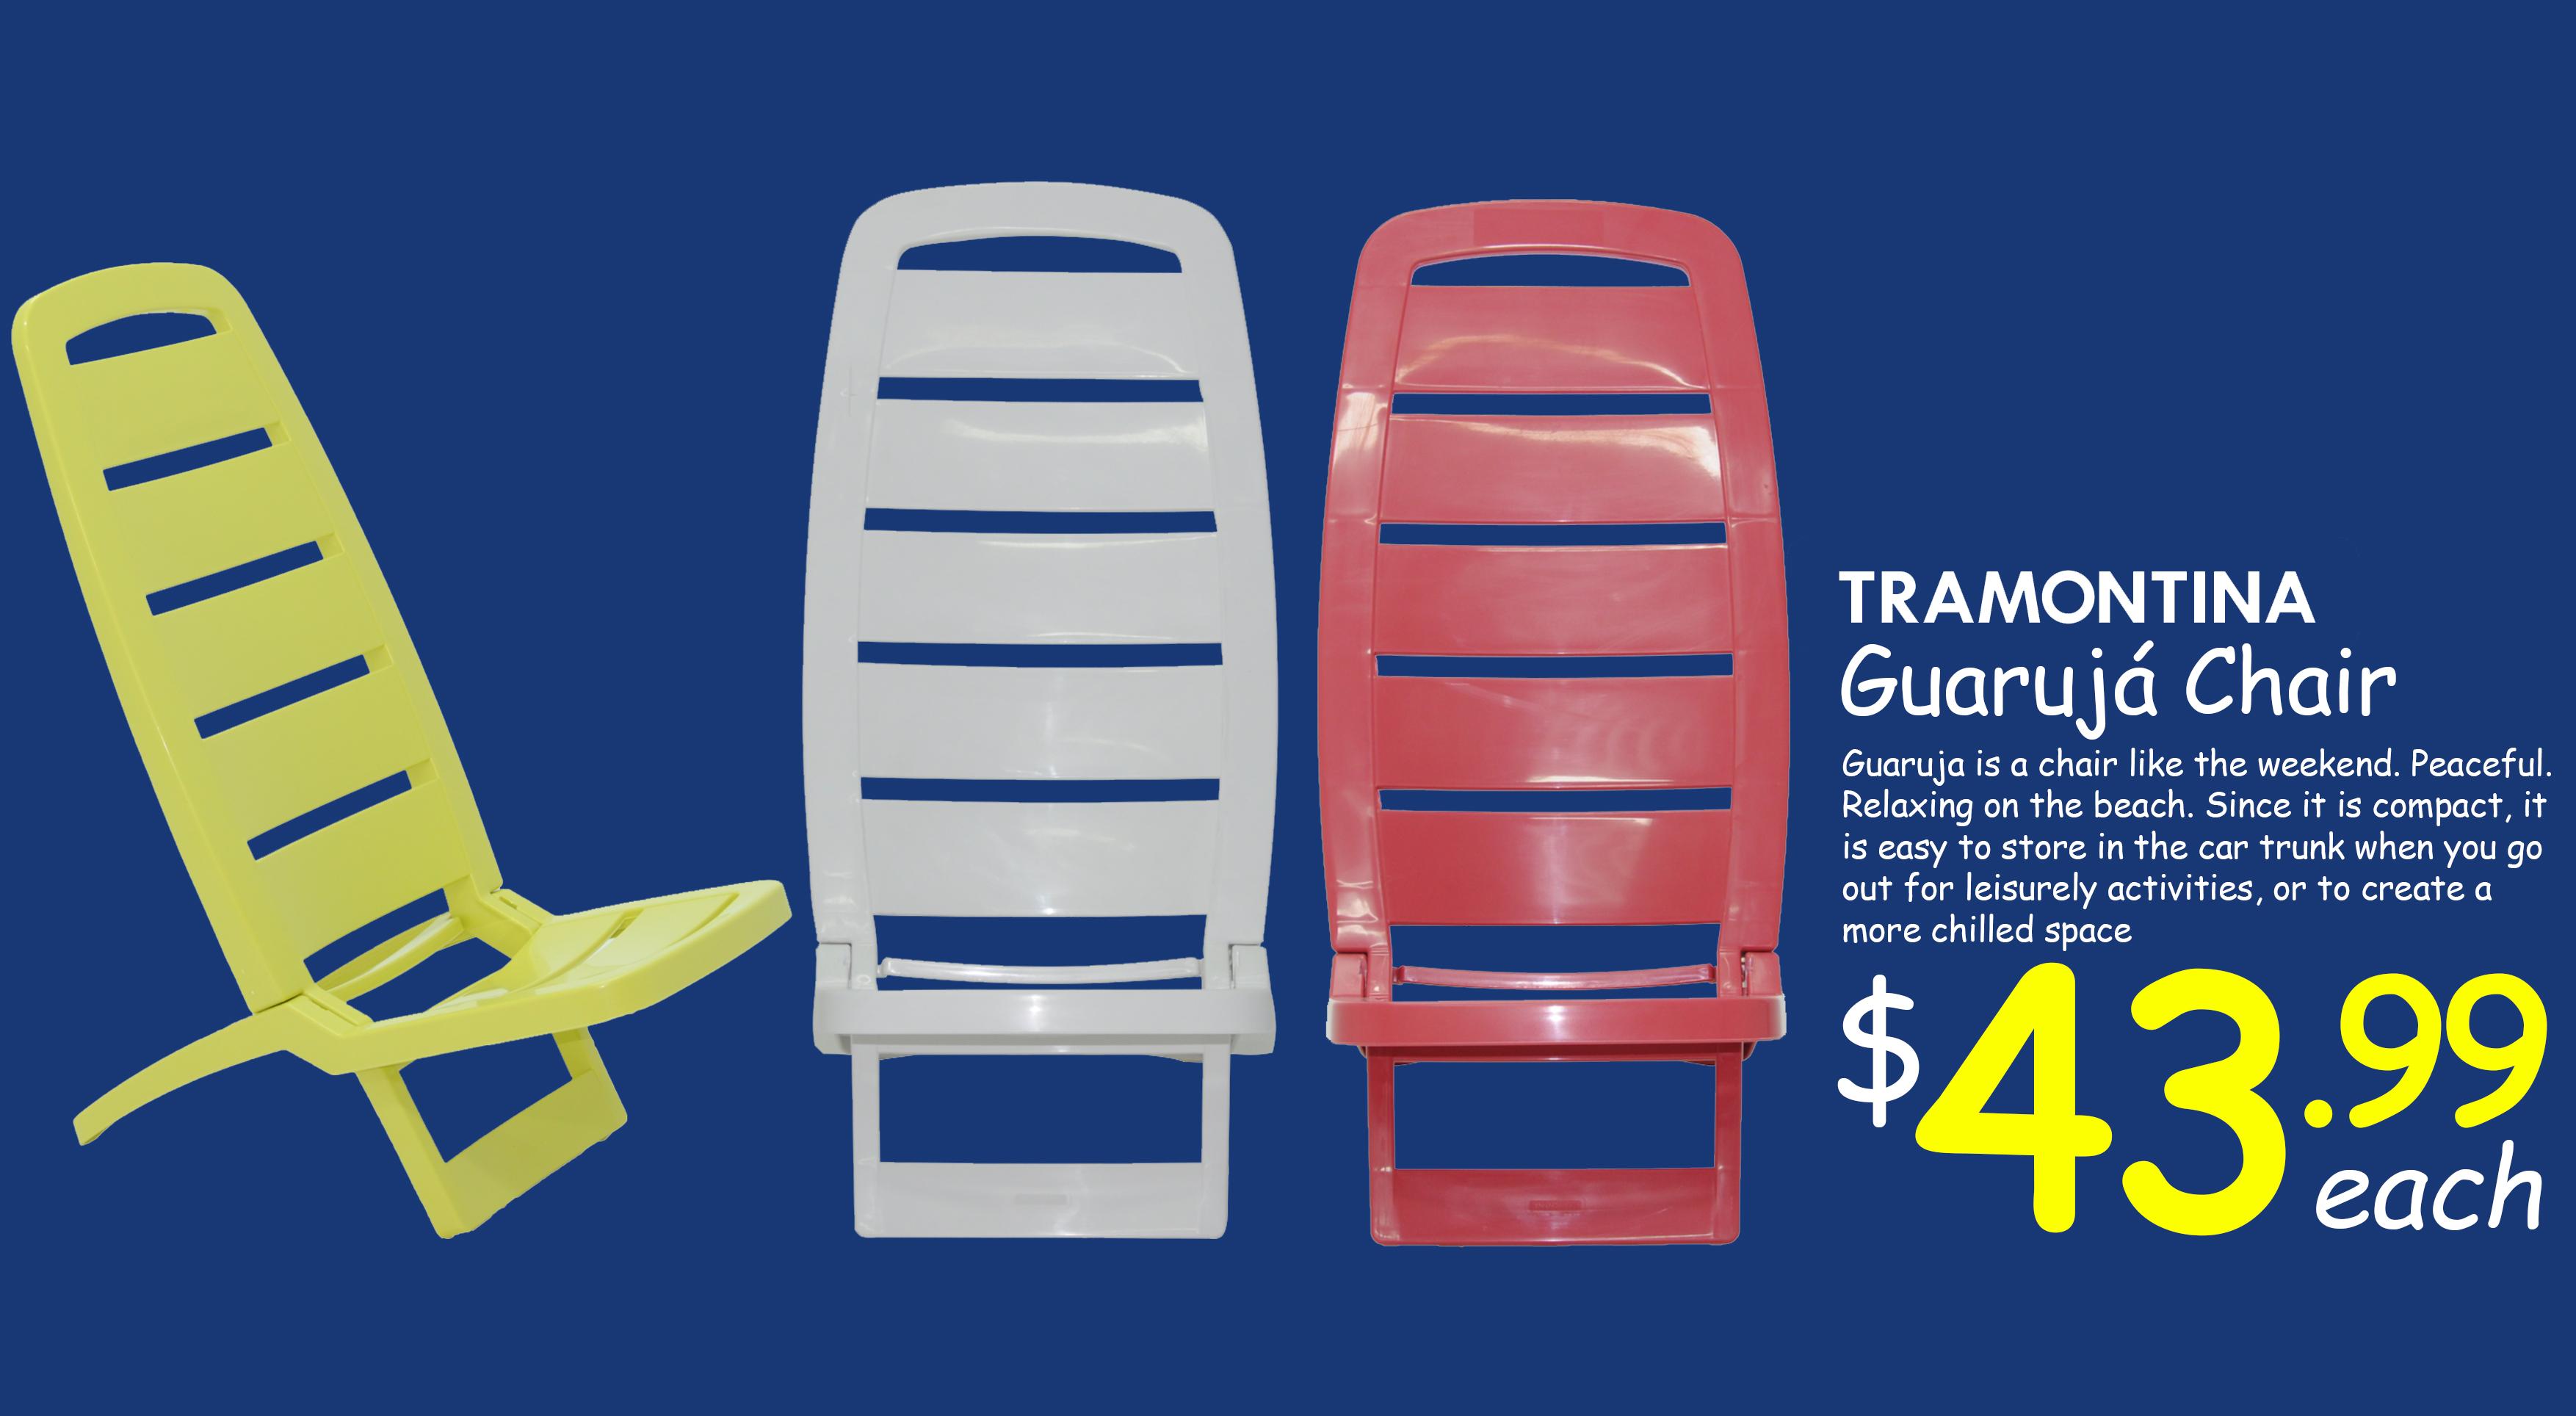 Tramontina Guaruja Chair